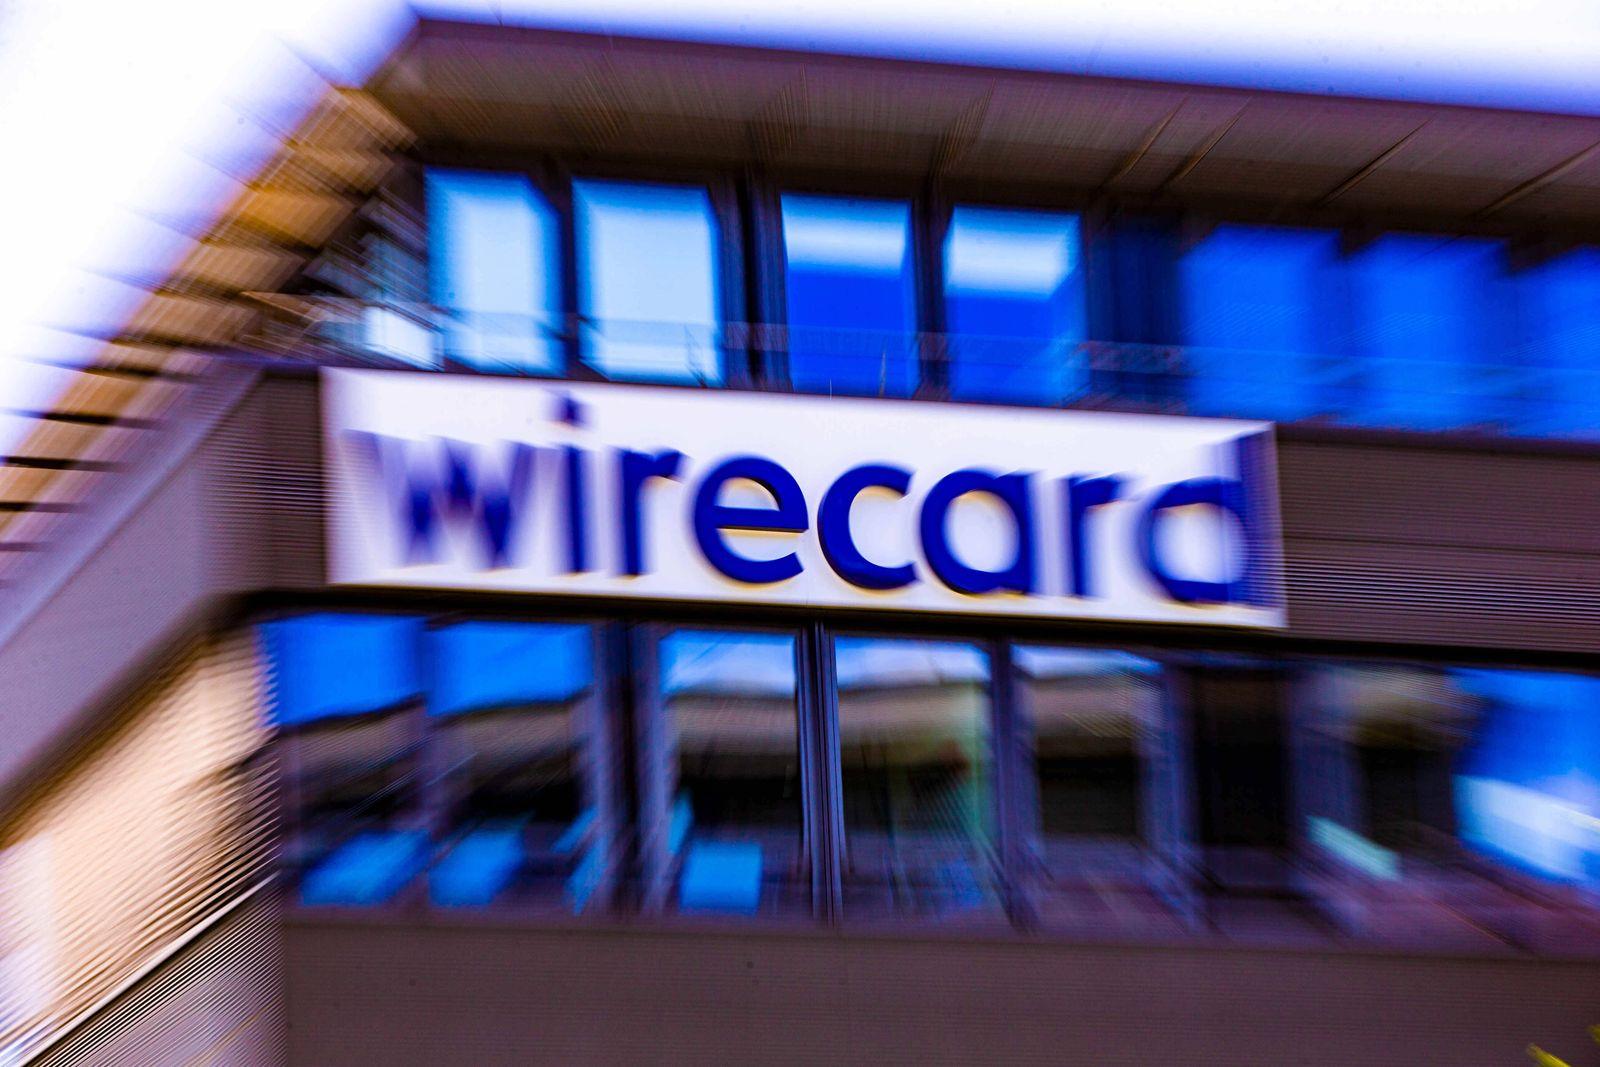 Staatsanwaltschaft bei Wirecard / Insolventer Konzern Wirecard in Aschheim bei München / Datum: 01.07.2020 / *** Public